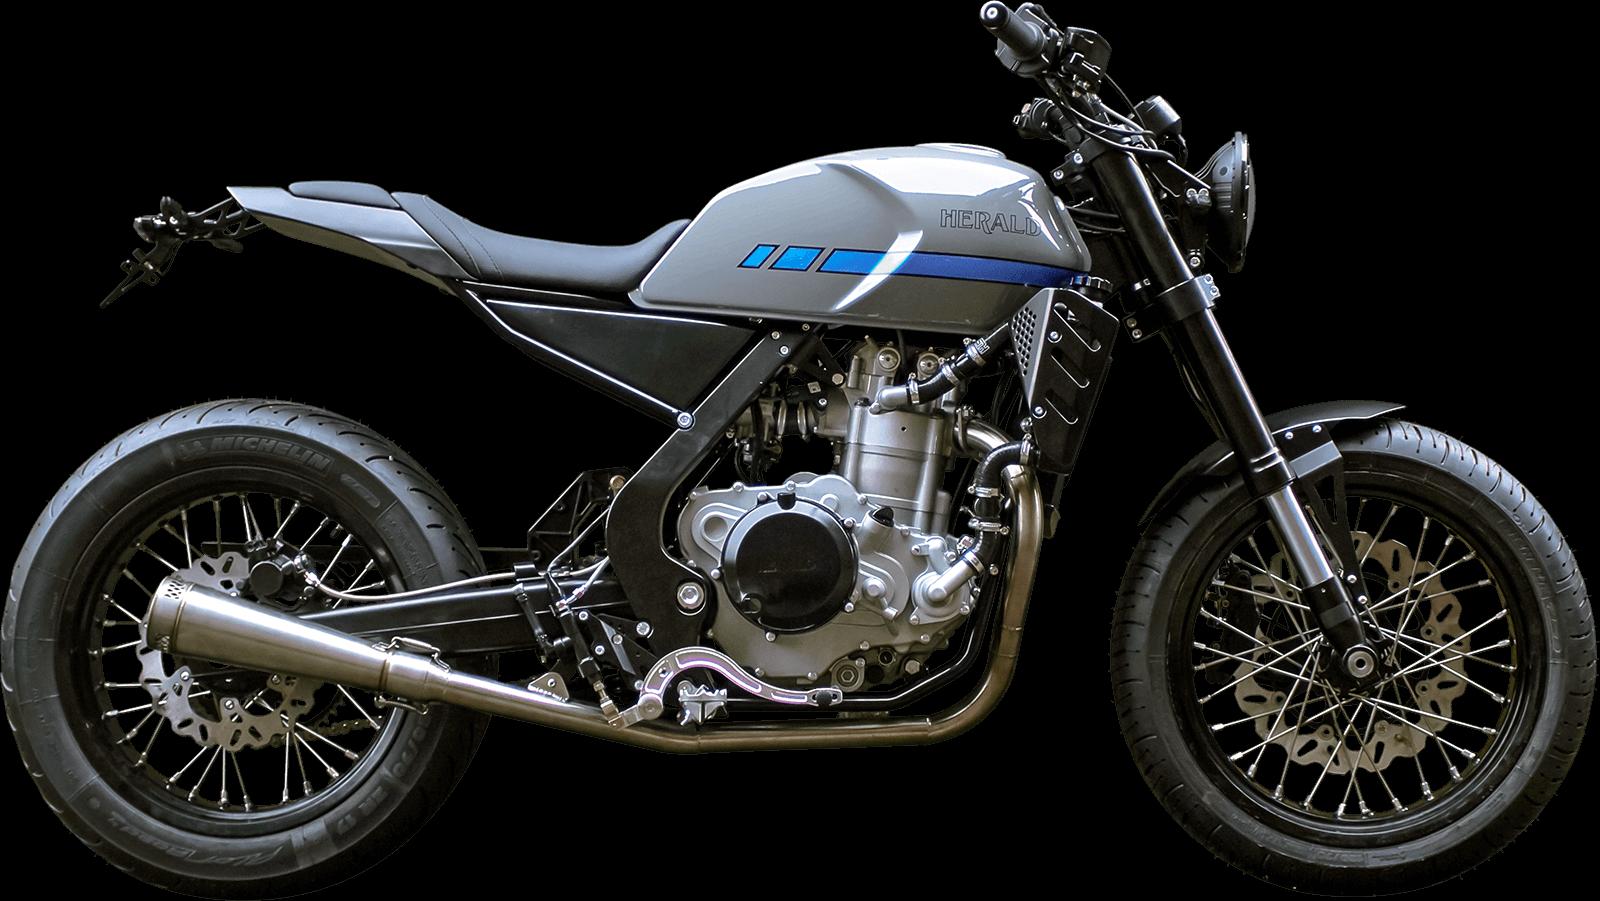 Brute500